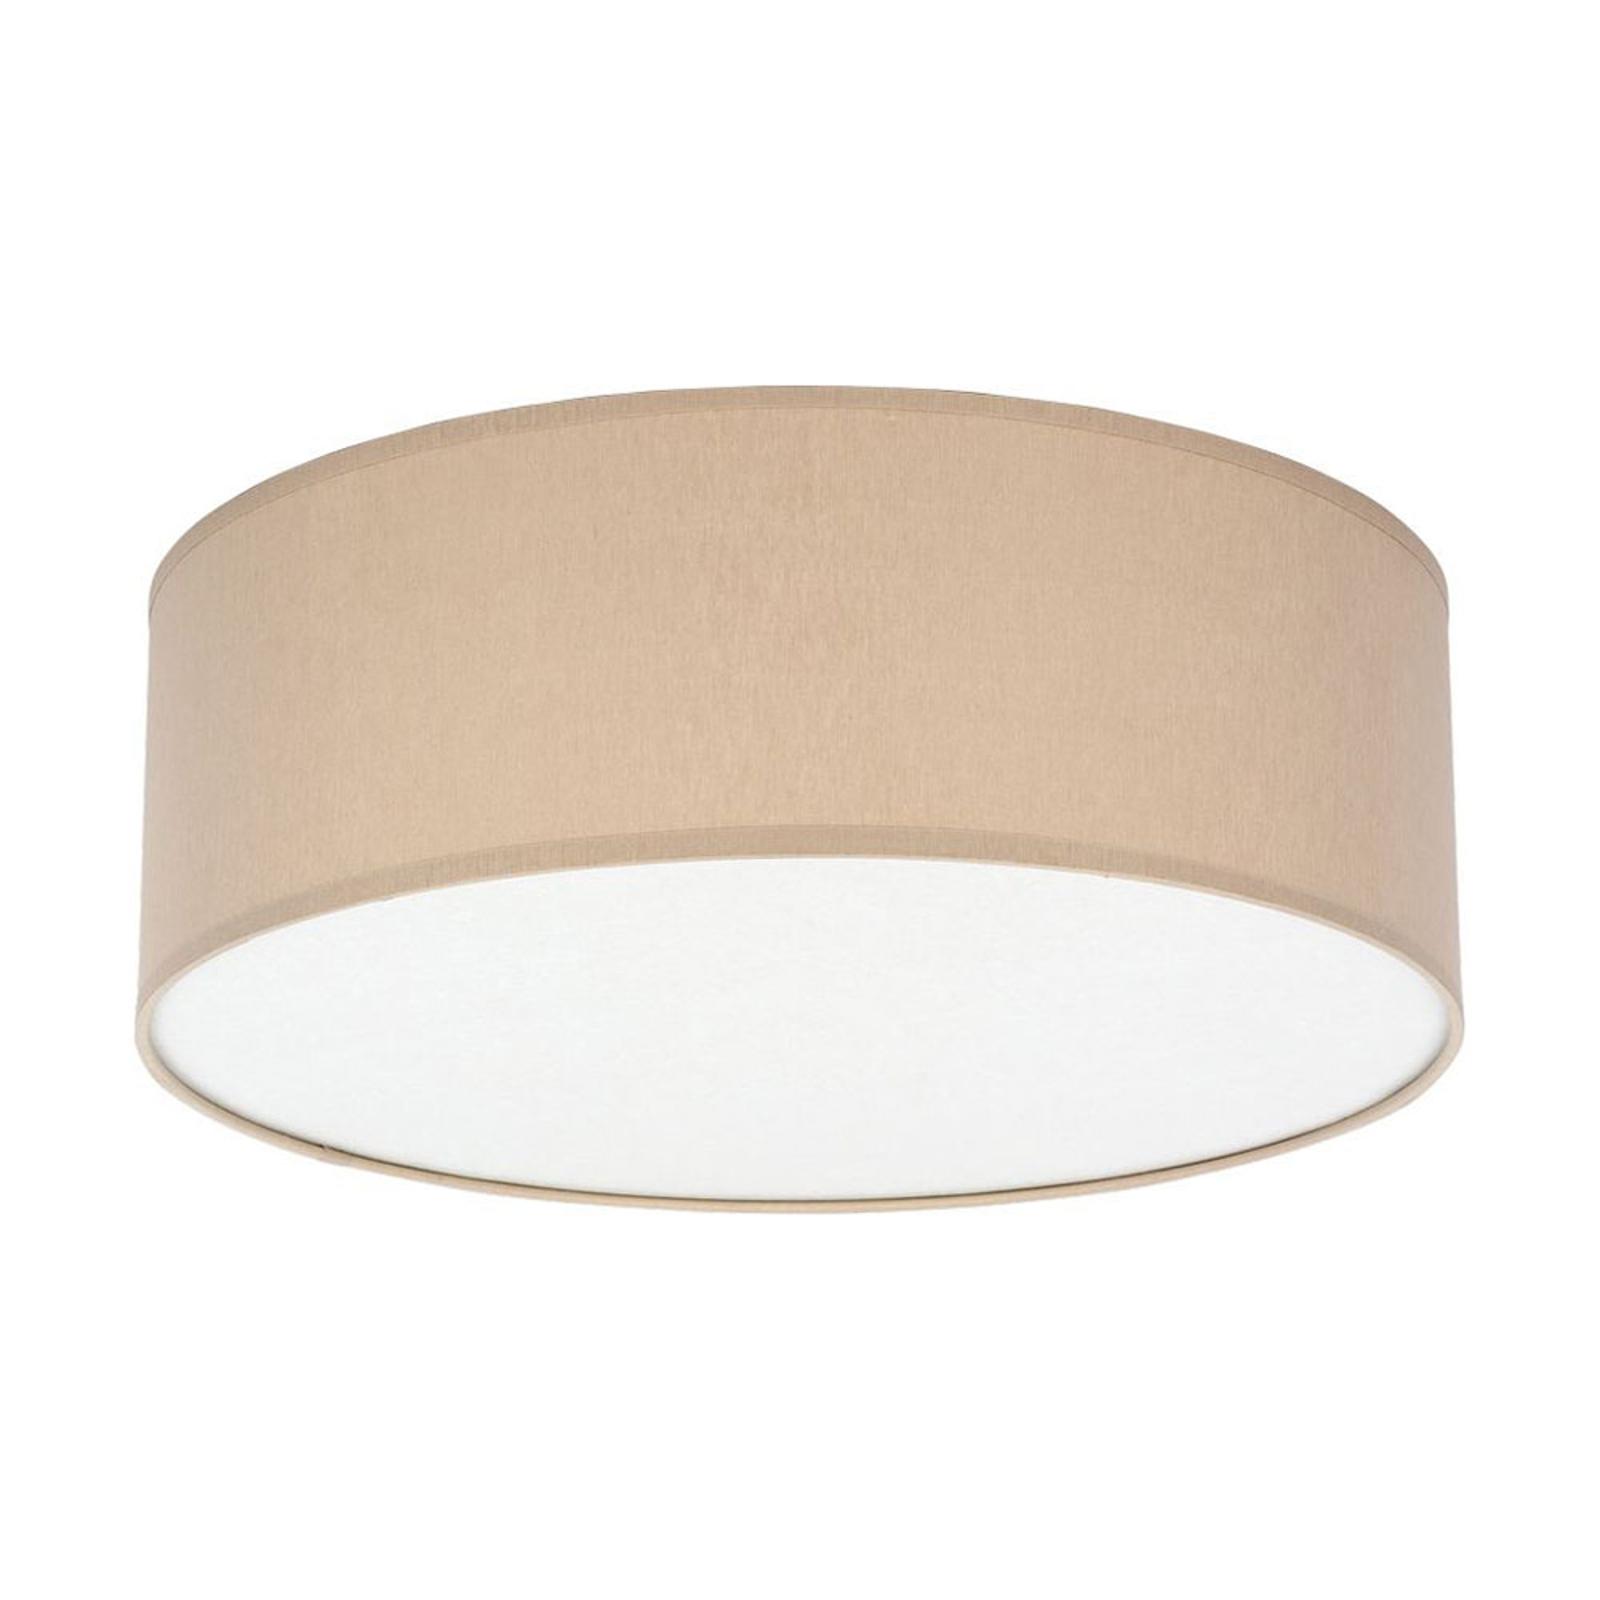 Taklampe Rondo, Ø 38 cm, beige